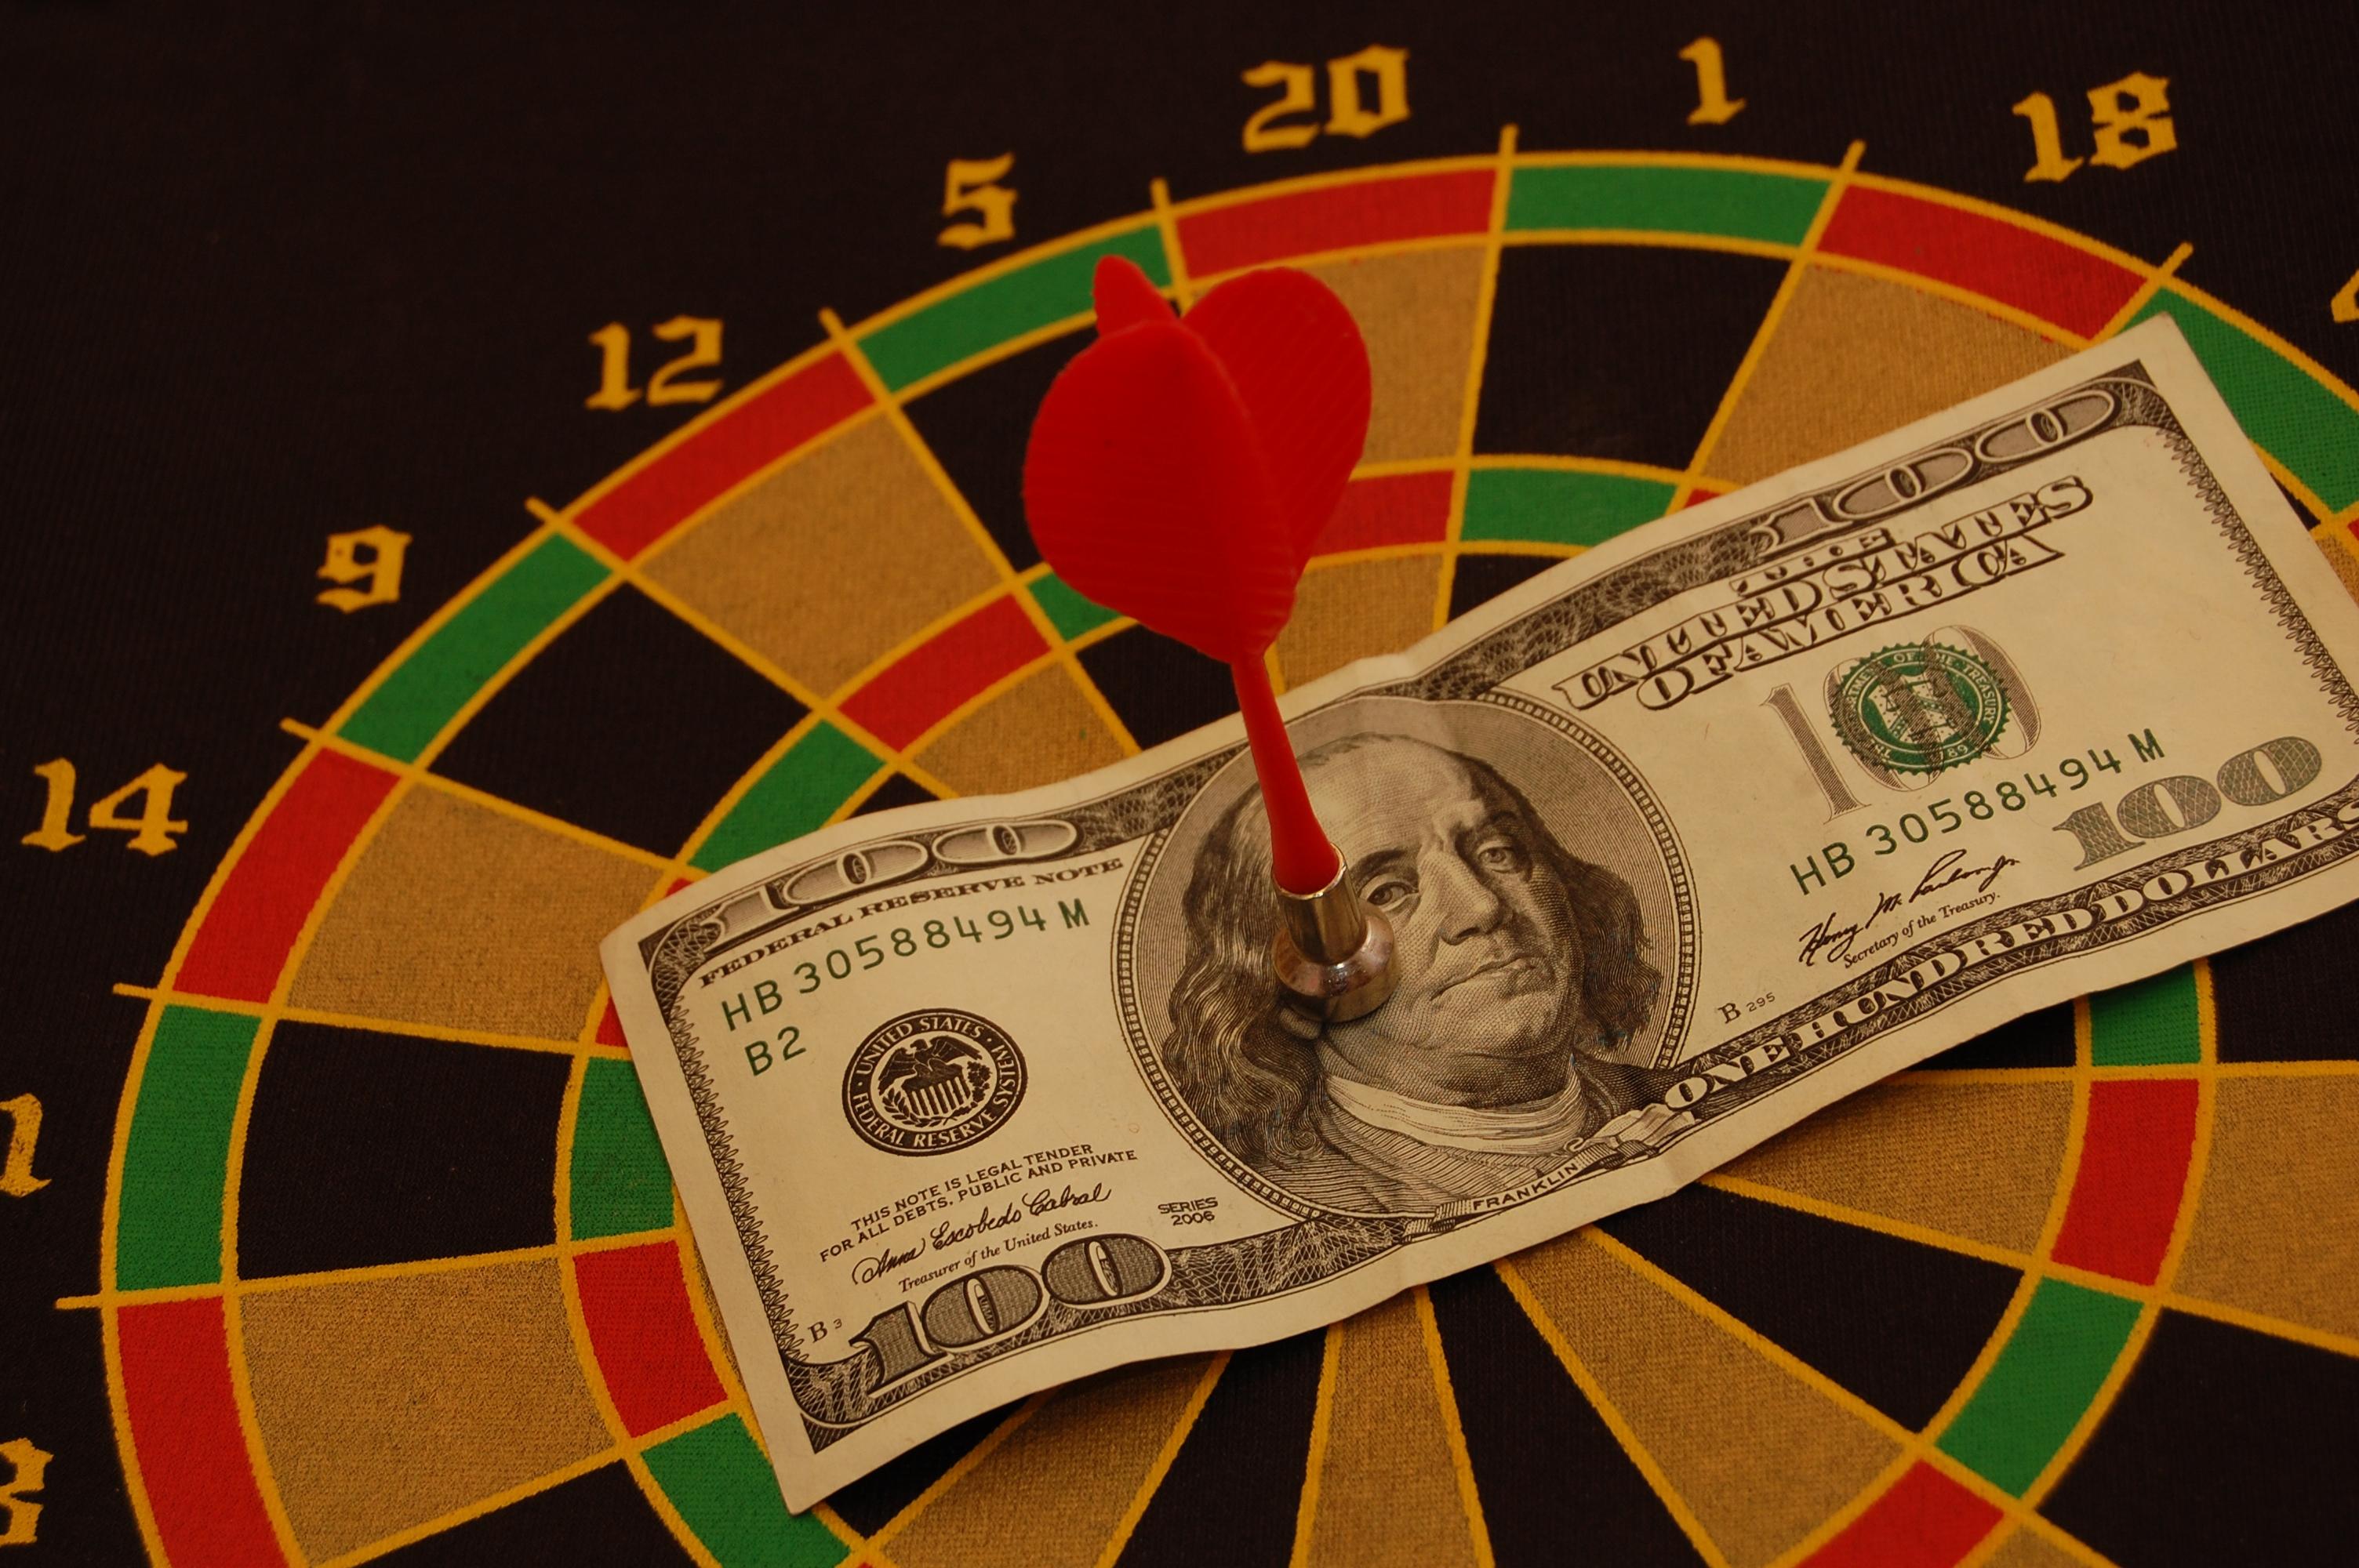 €500 free casino chip at Slots Capital